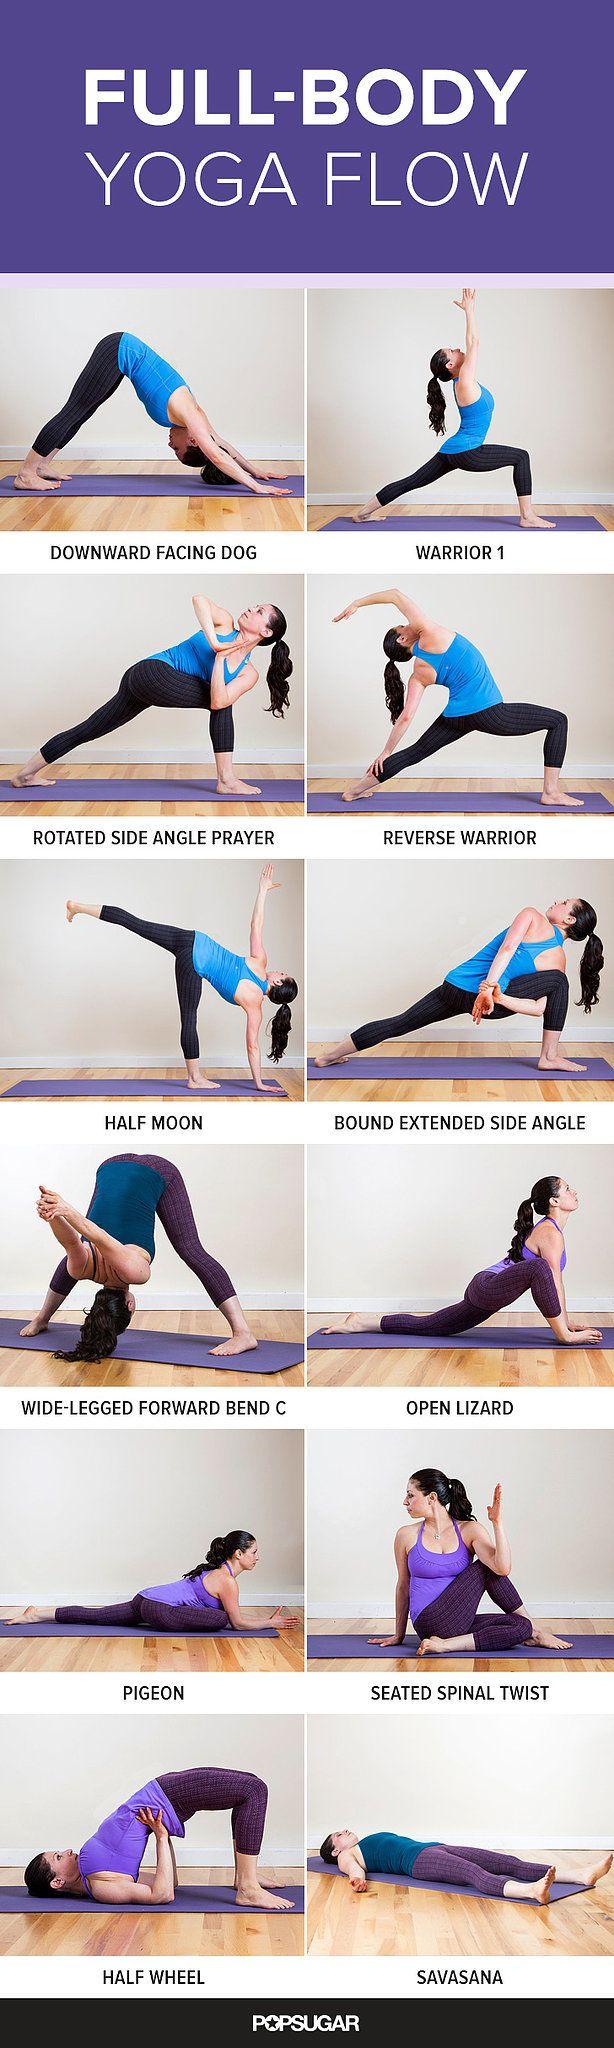 Long & Lean Full Body Yoga Flow #strong #fitness